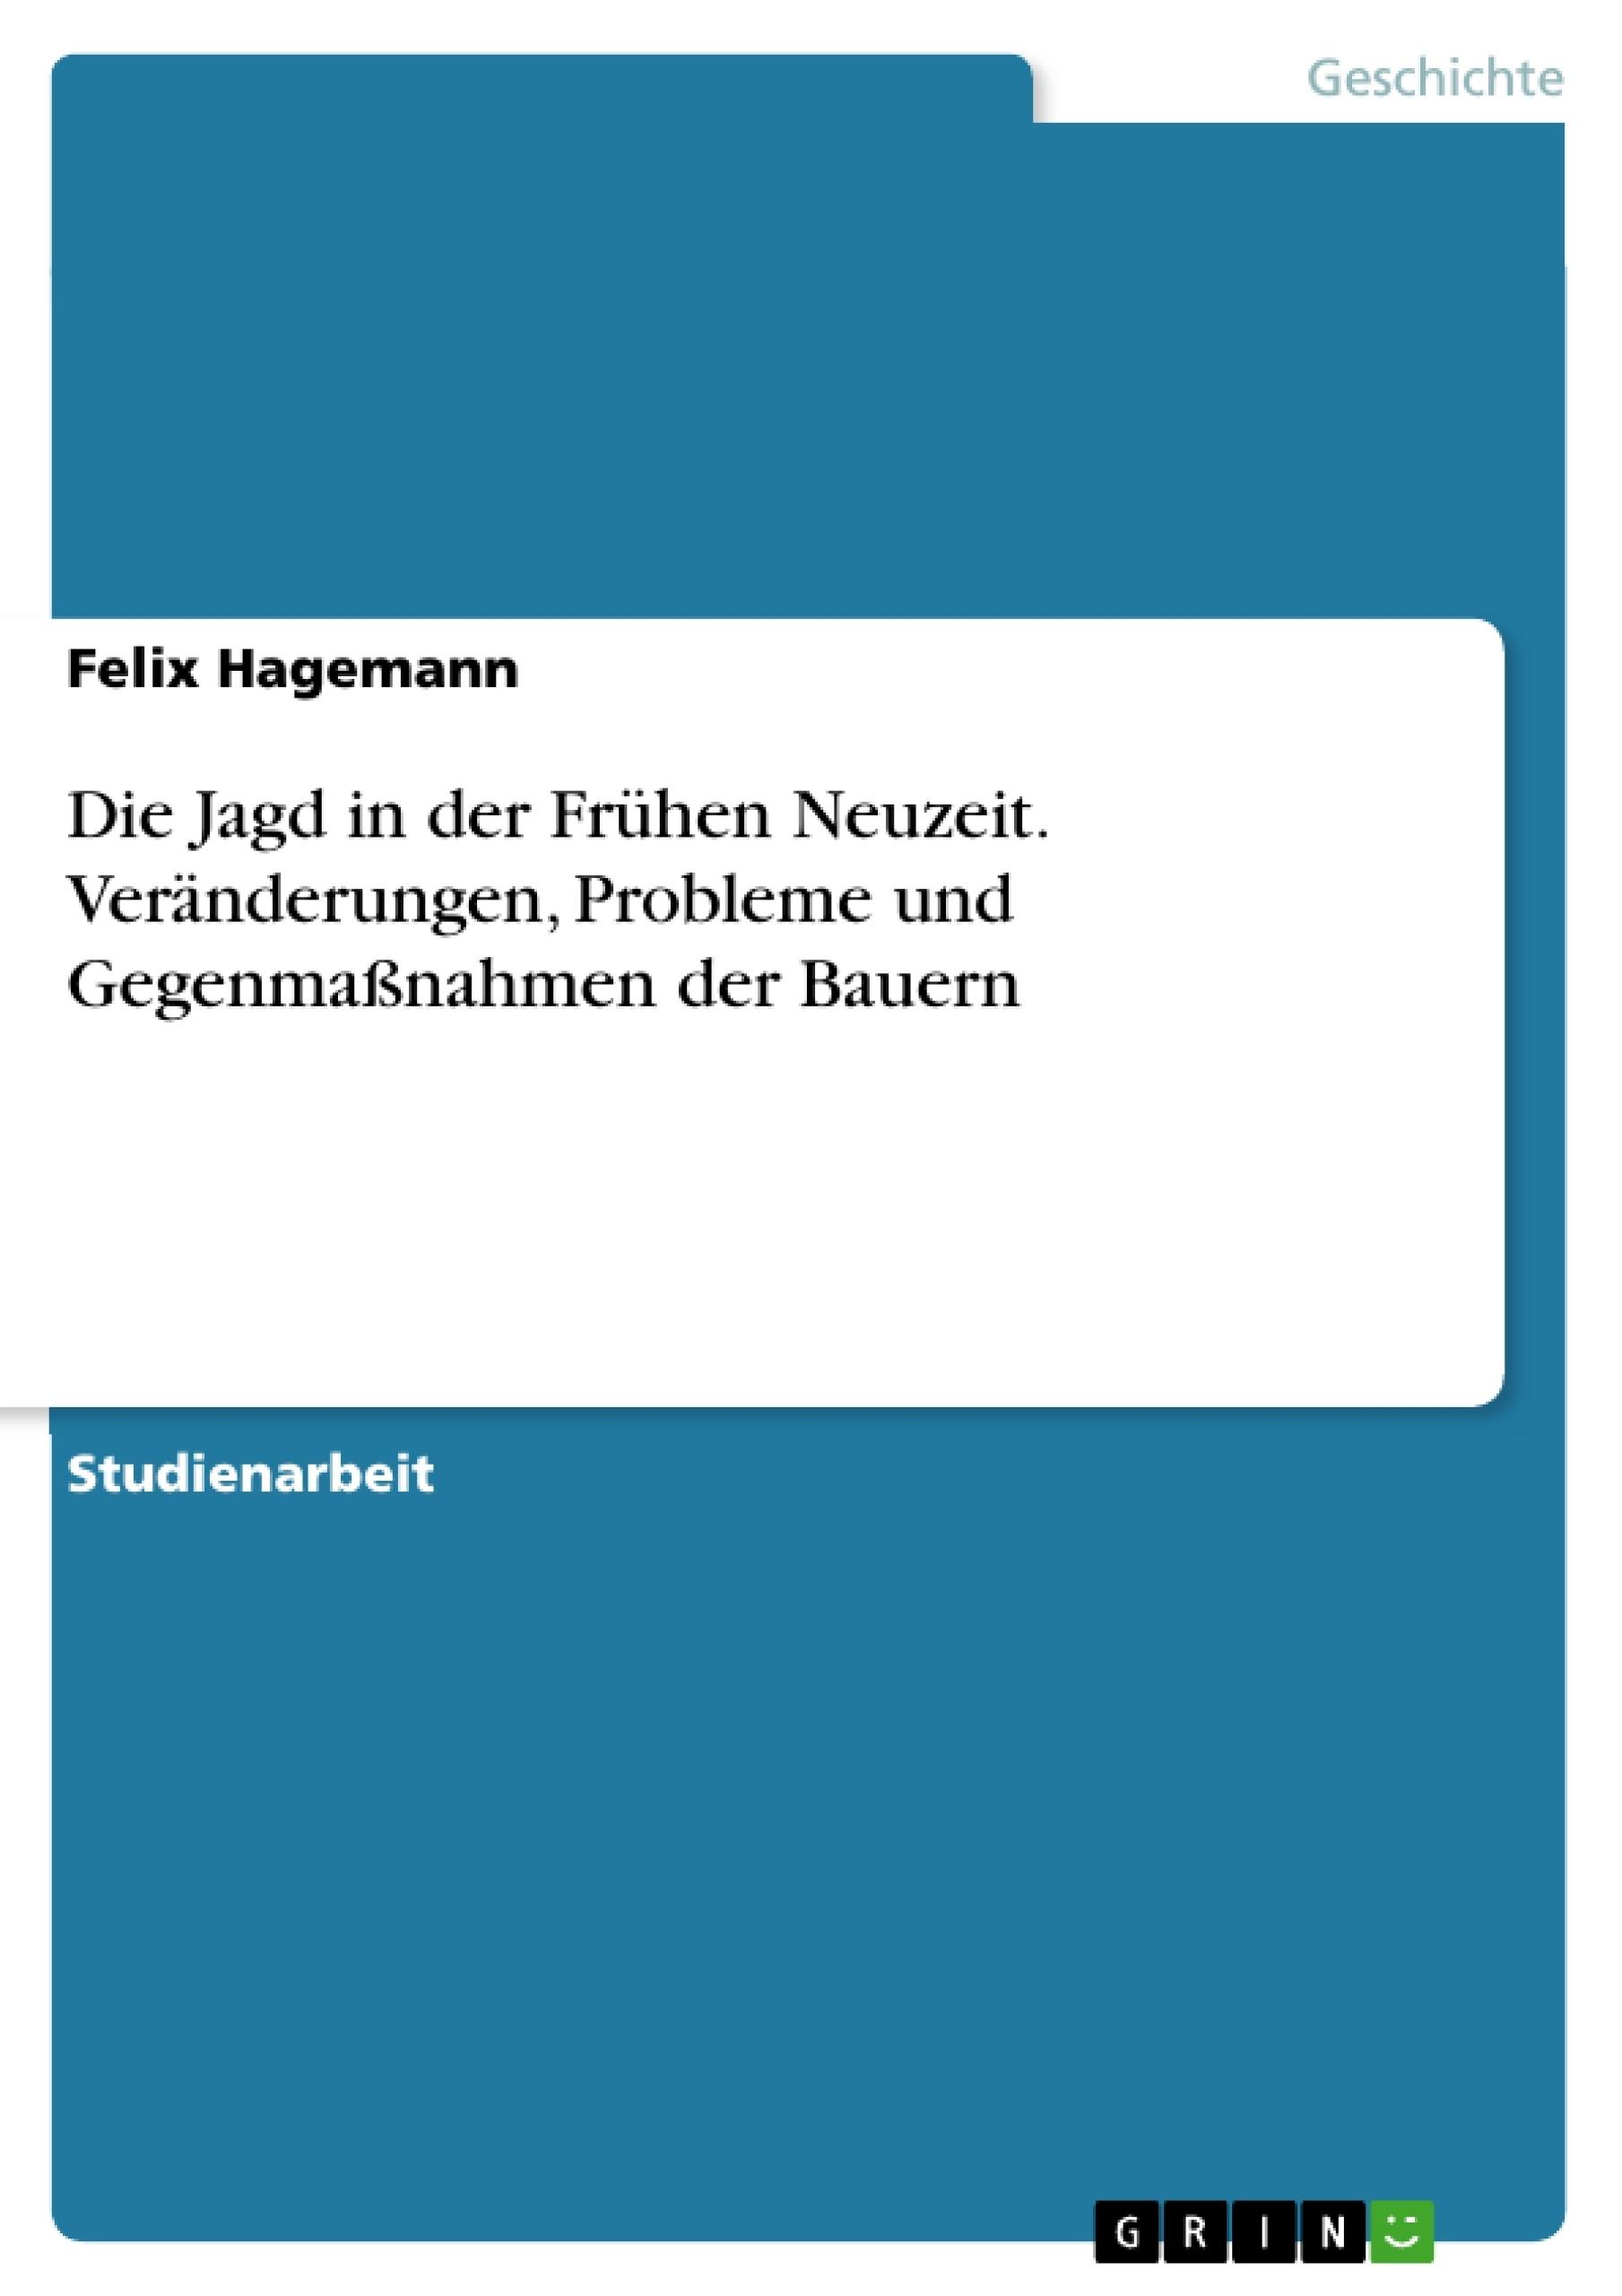 Titel: Die Jagd in der Frühen Neuzeit. Veränderungen, Probleme und Gegenmaßnahmen der Bauern